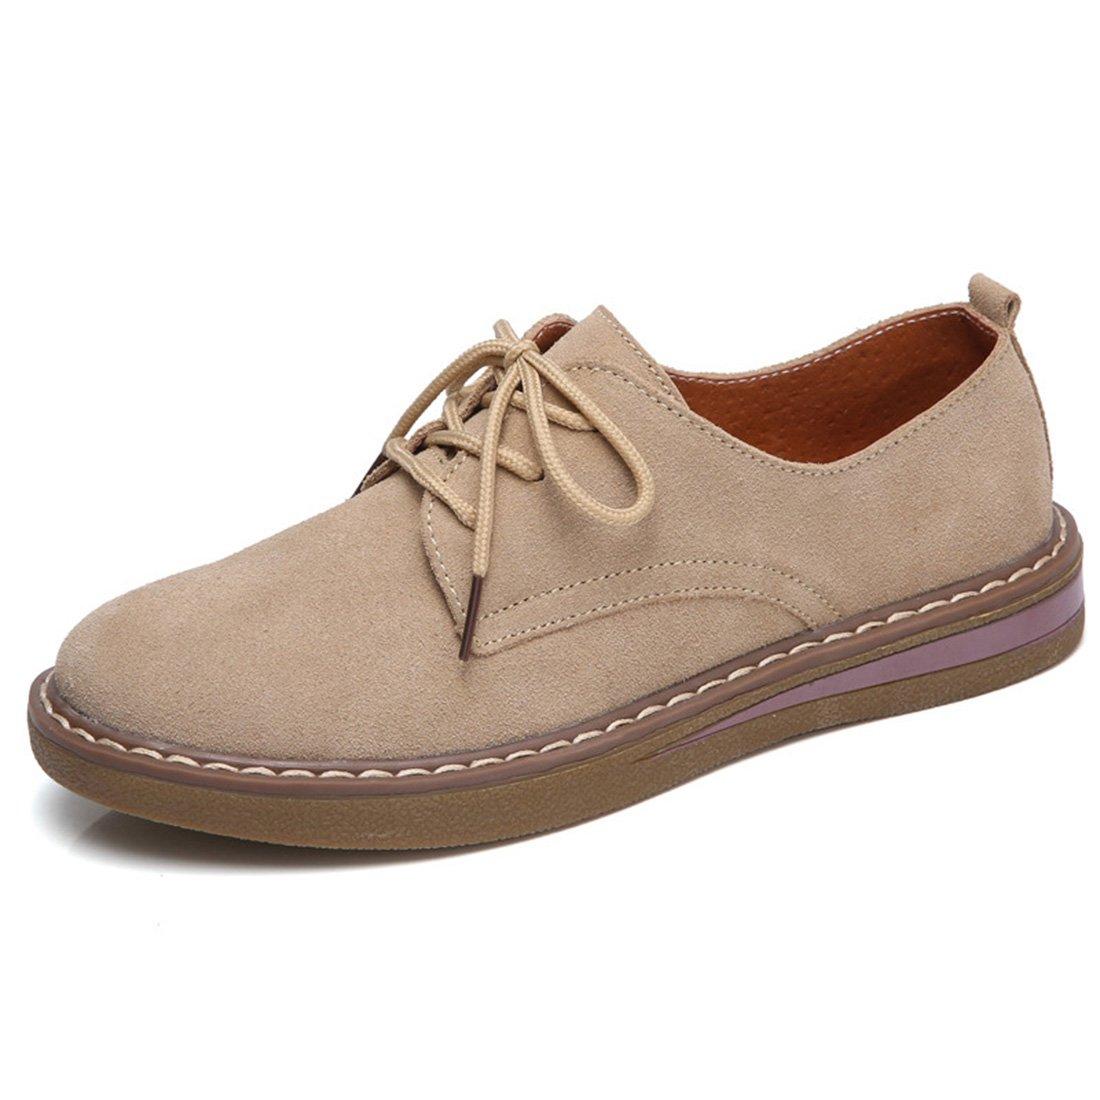 Zhuomei Lacets Chaussures de Ville à Lacets pour à Femme pour Marron b240bef - shopssong.space